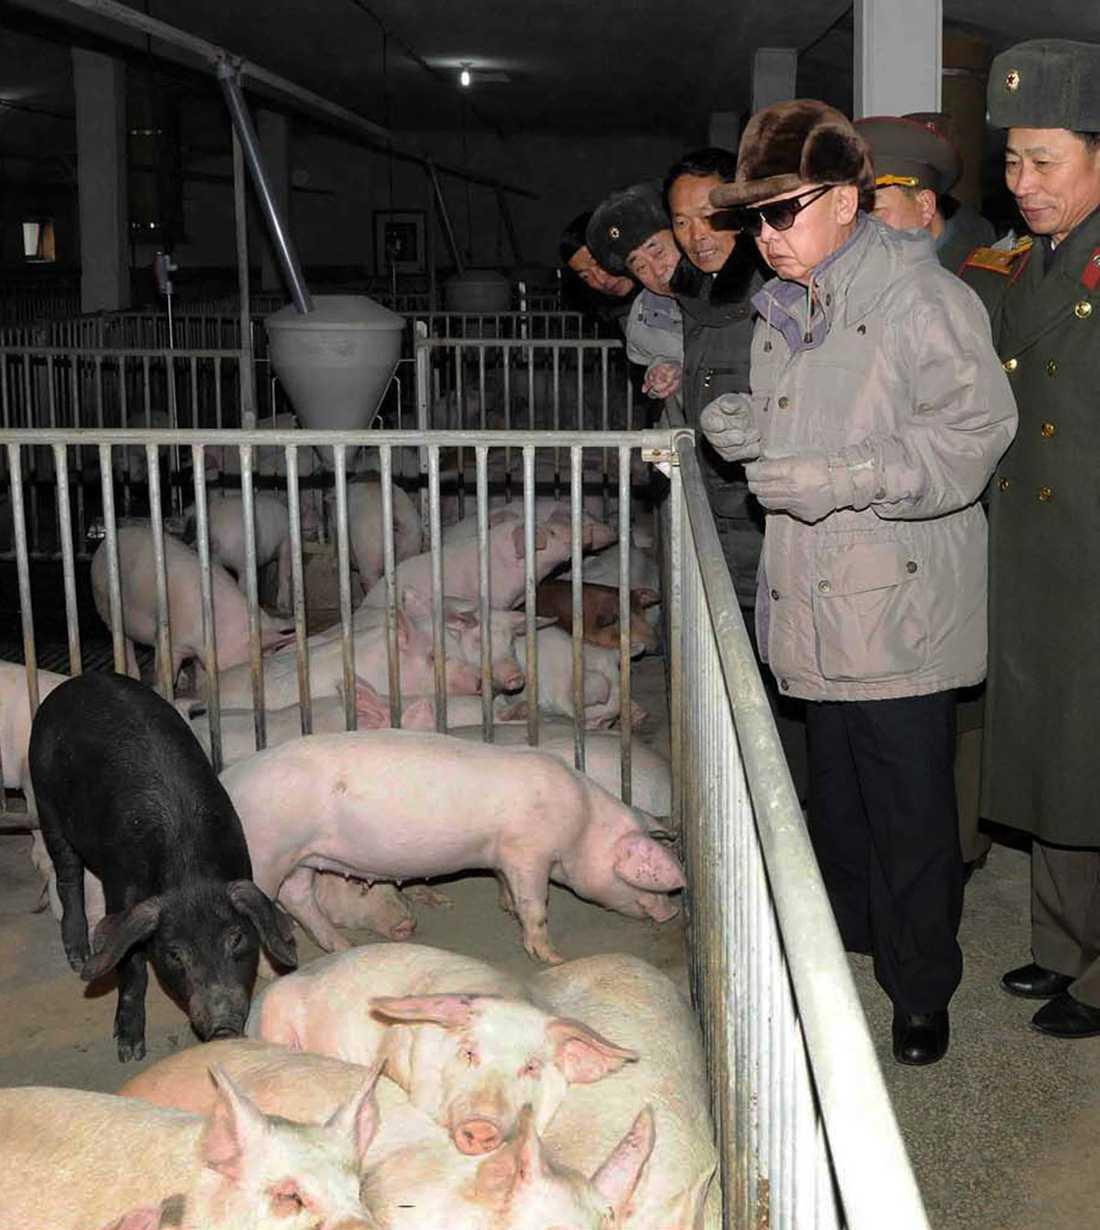 KIM TITTAR PÅ GRISAR Grisarna som Kim Jong Il hälsar på är välgödda, mätta, välskötta och kan se fram mot ett bekymmerslöst liv där man inte behöver tänka själv.